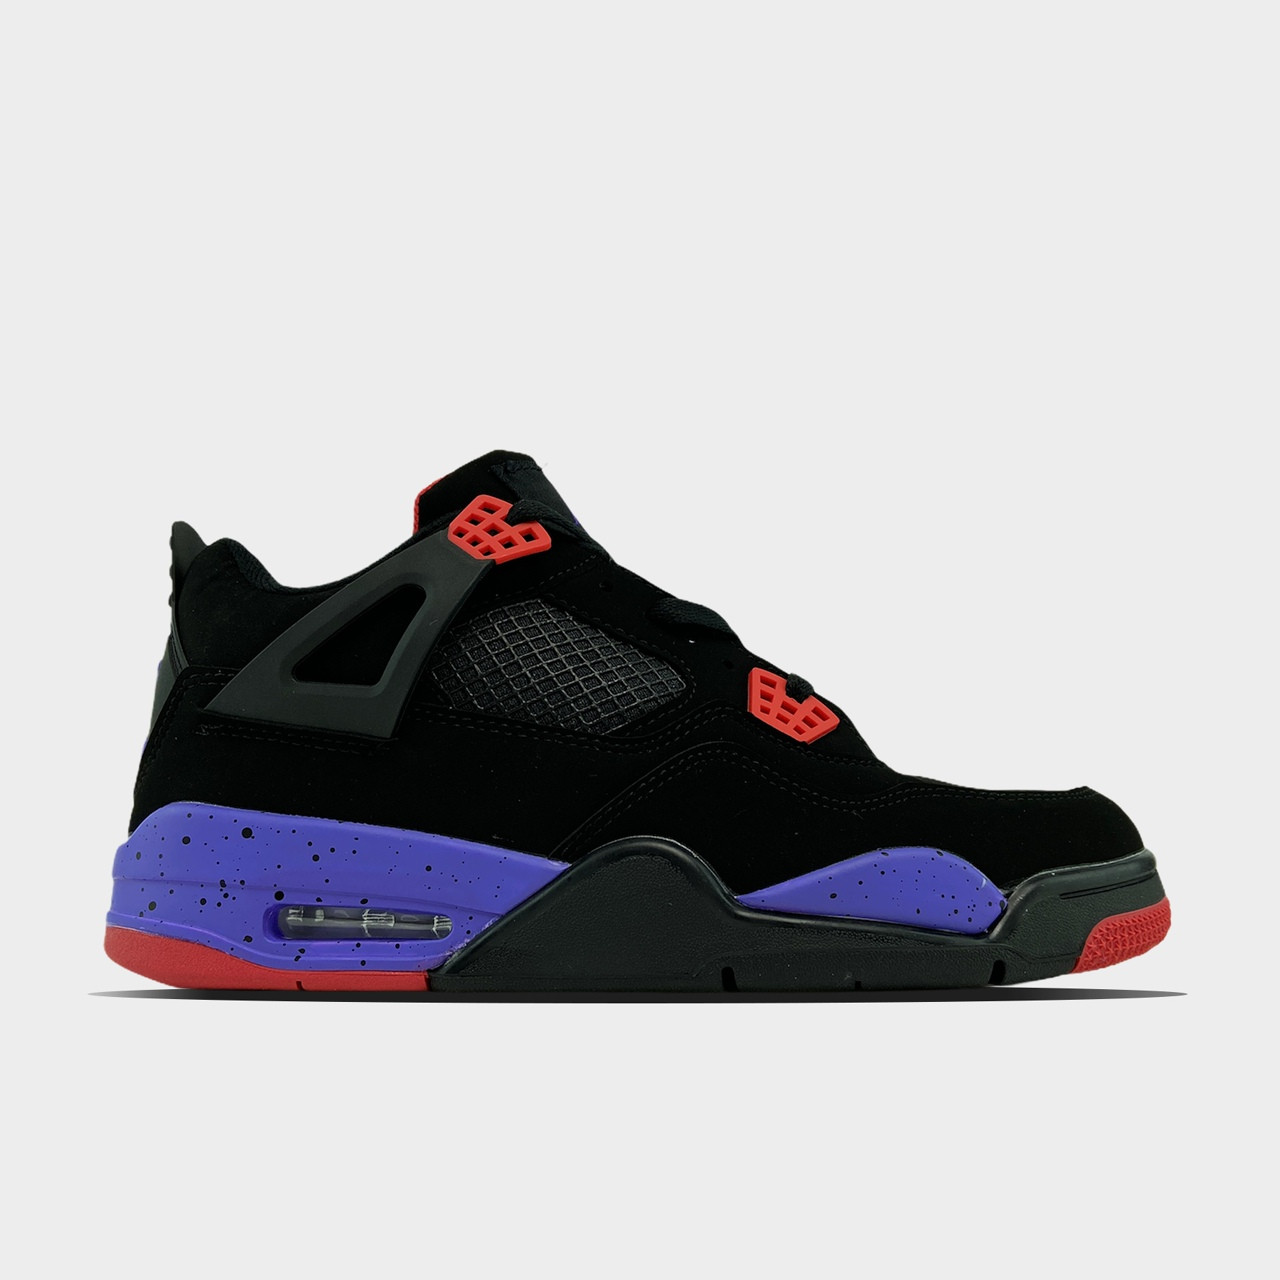 Nk, крос, обувь, взуття, sneakers, шузы, Air Jordan 4 NRG Raptors (Черный)